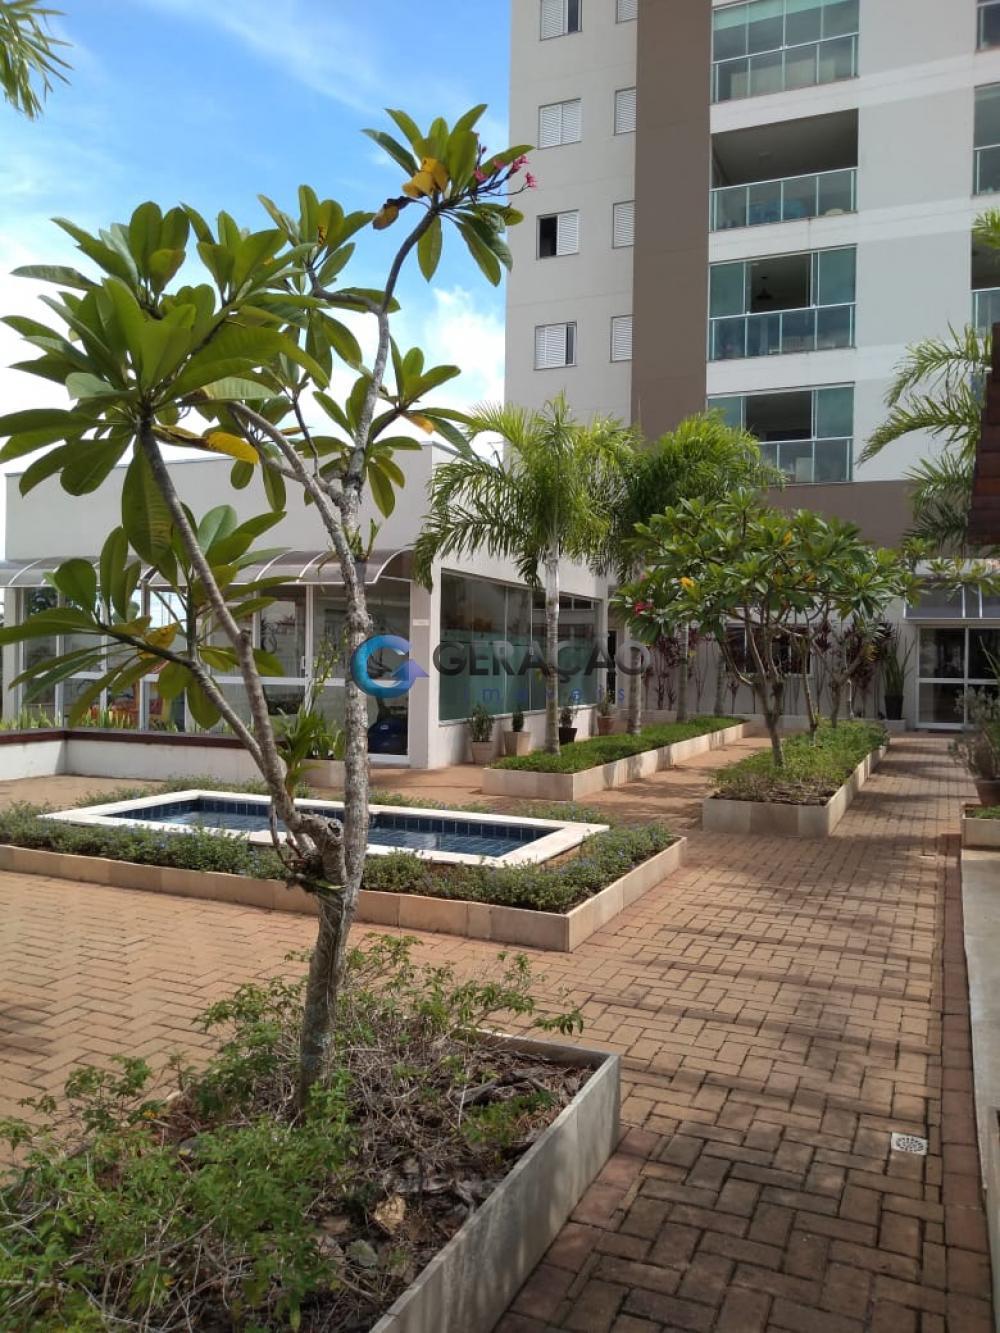 Comprar Apartamento / Padrão em Jacareí R$ 495.000,00 - Foto 3